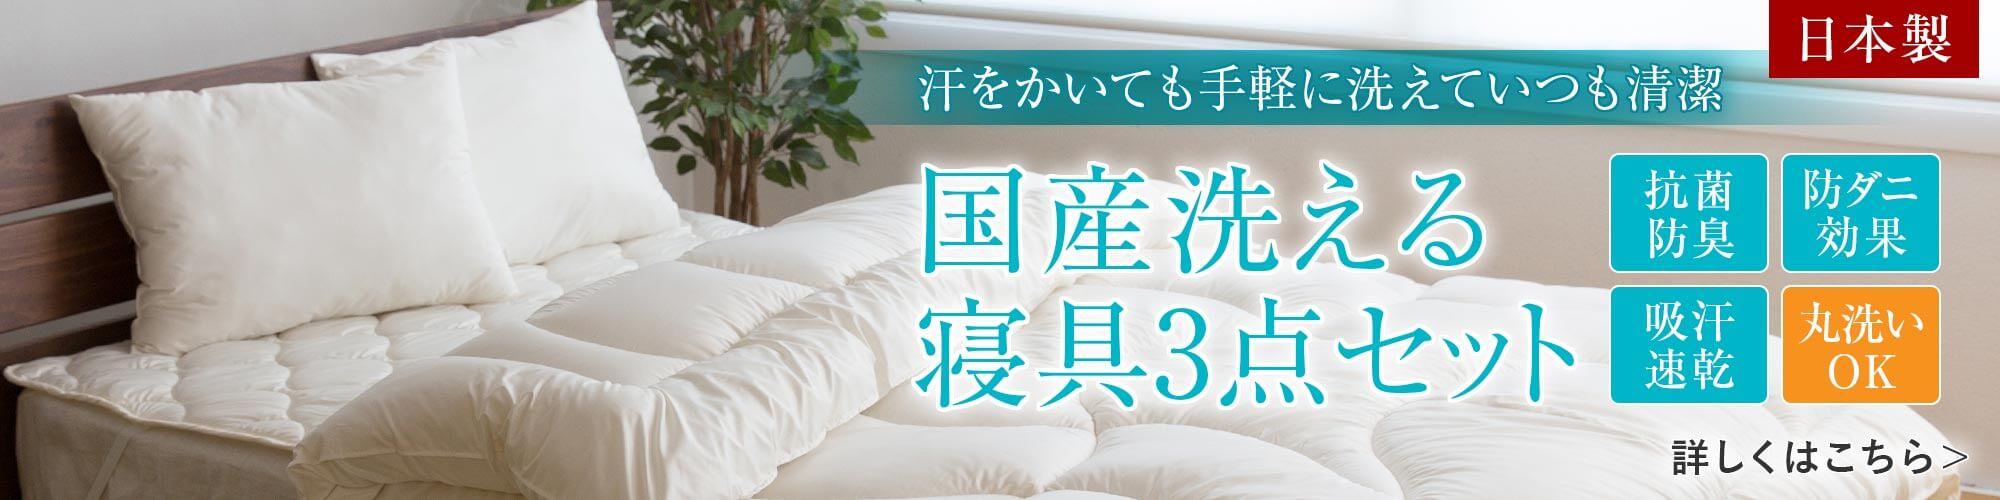 洗える国産寝具3点セット